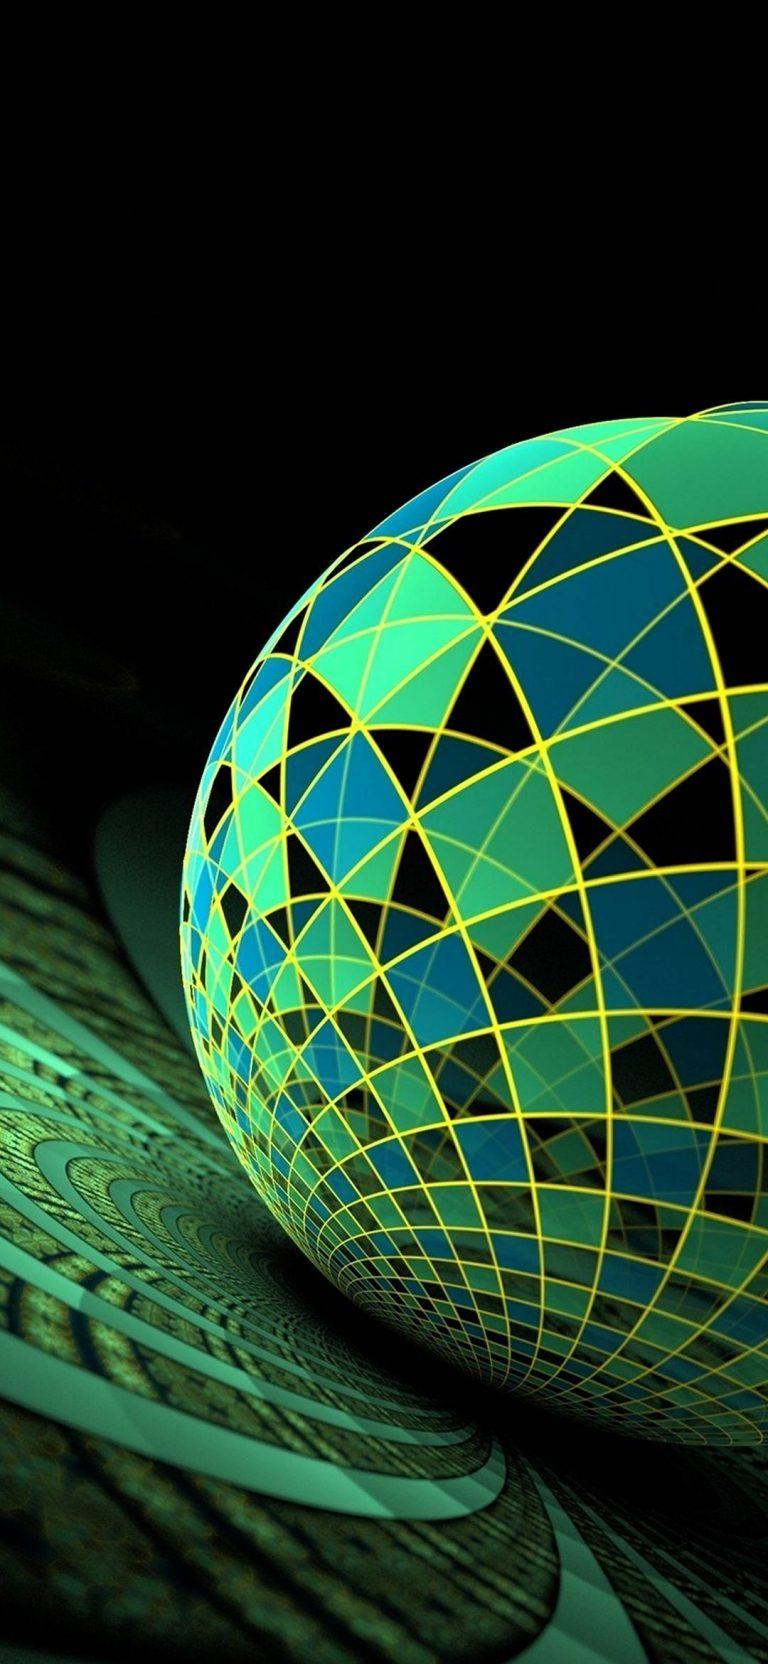 Ball Surface Green 1080x2340 768x1664